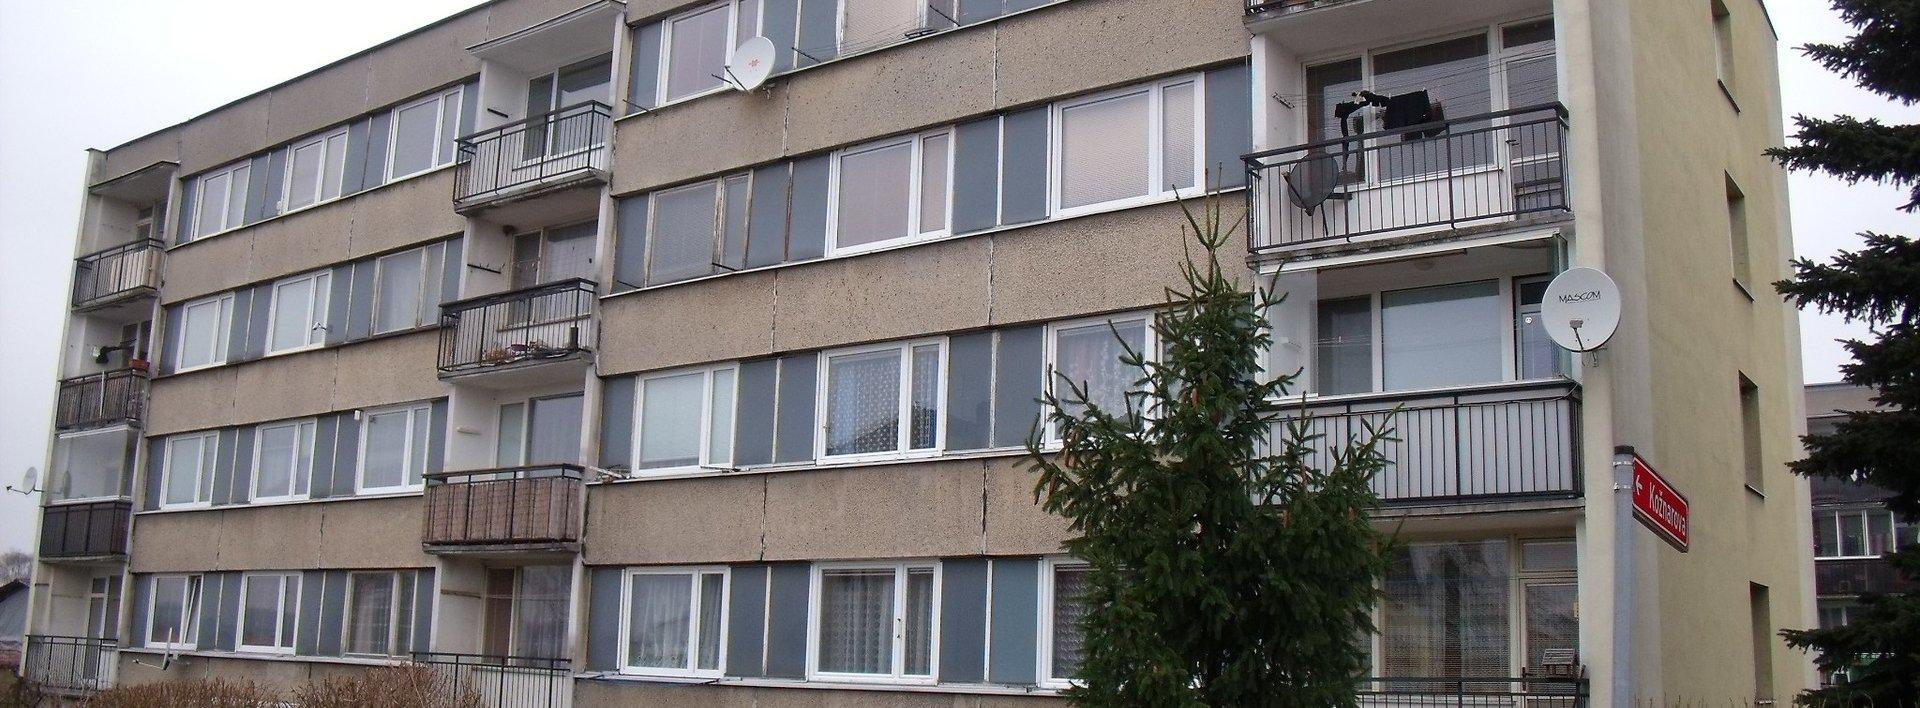 Prodej prostorného, slunného bytu 2+1/L v České Lípě, Ev.č.: N48310